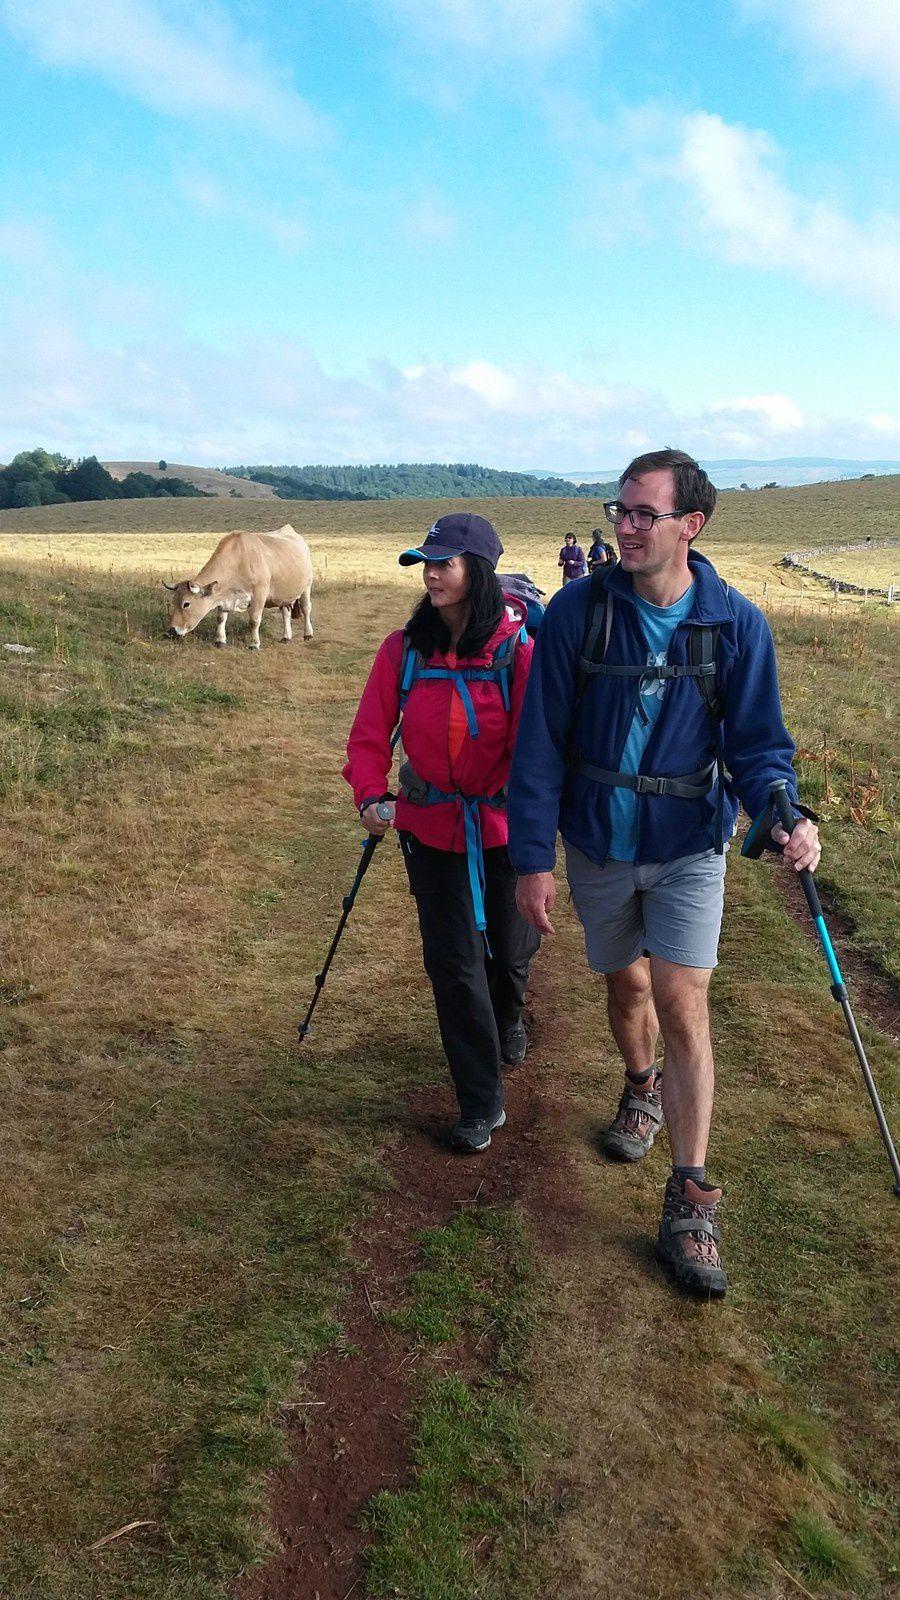 """Nous sommes à proximité du lieu-dit """"Ginestouse Bas"""", nos amis les vaches d'Aubrac, nous regarde d'un air curieux, Emeric donne des explications à Sylvie de l'endroit et du paysage environnant."""